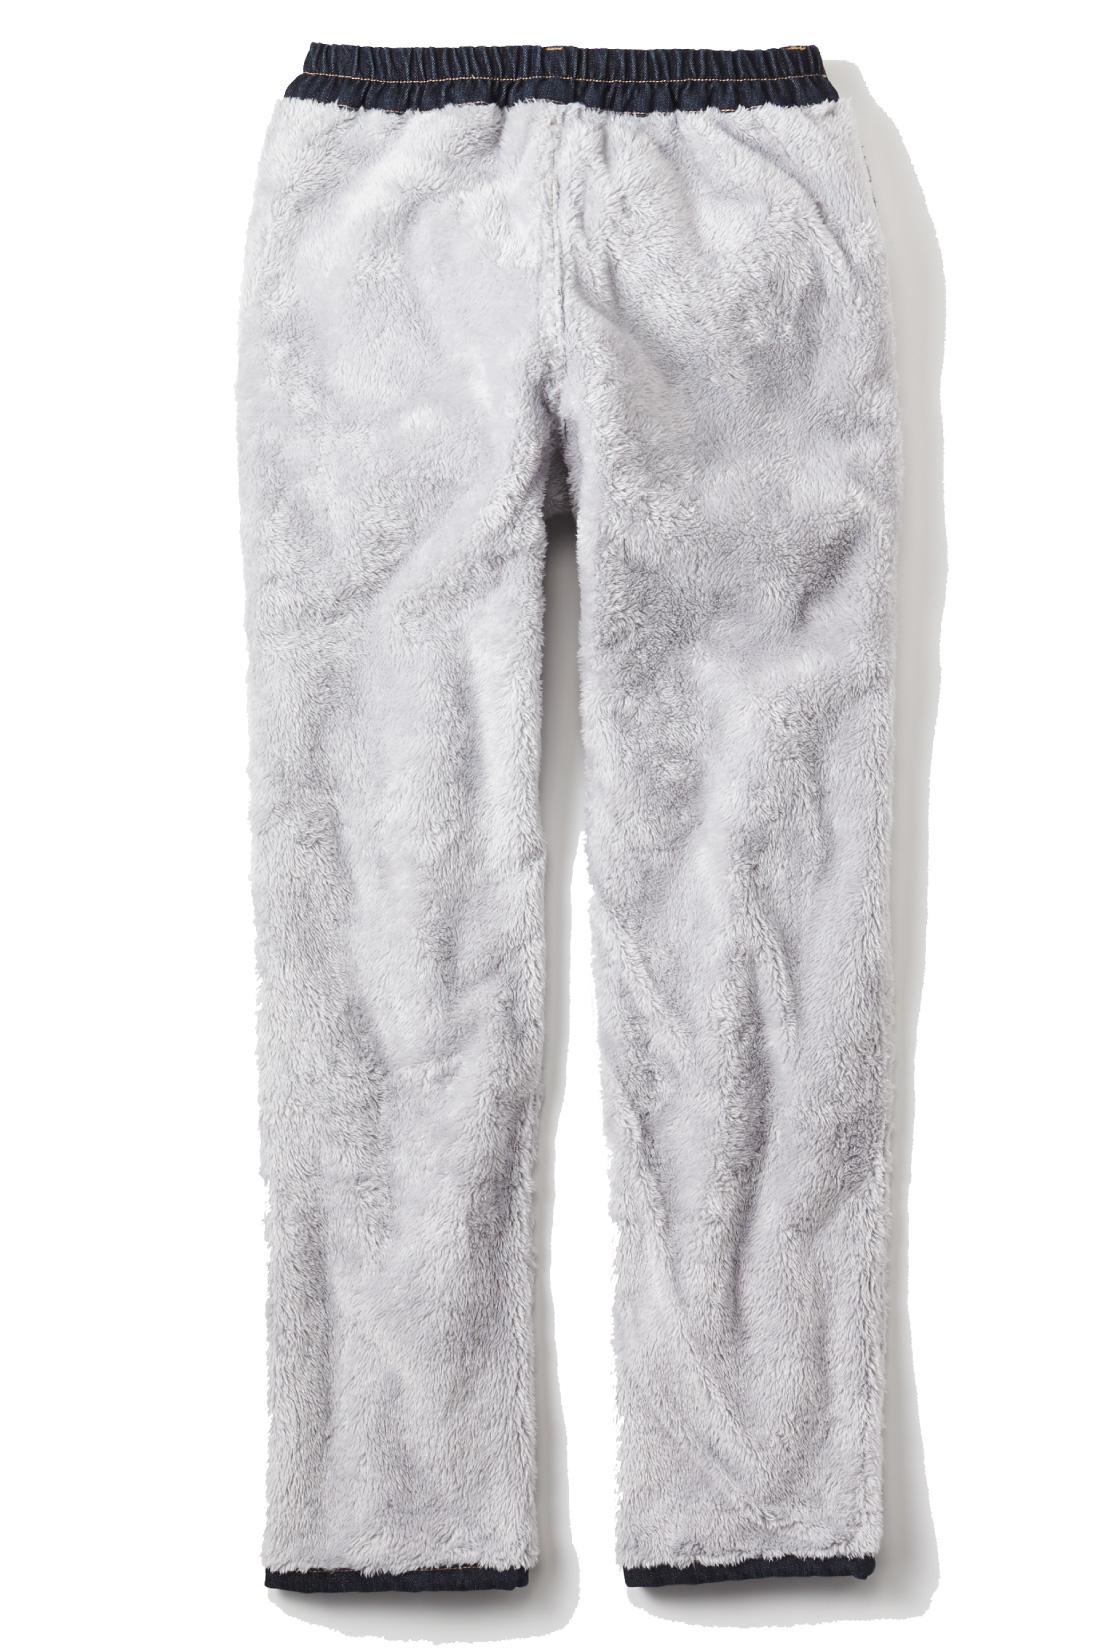 毛布に包まれているみたいな、みっしり全面ボアが暖かさの秘密。